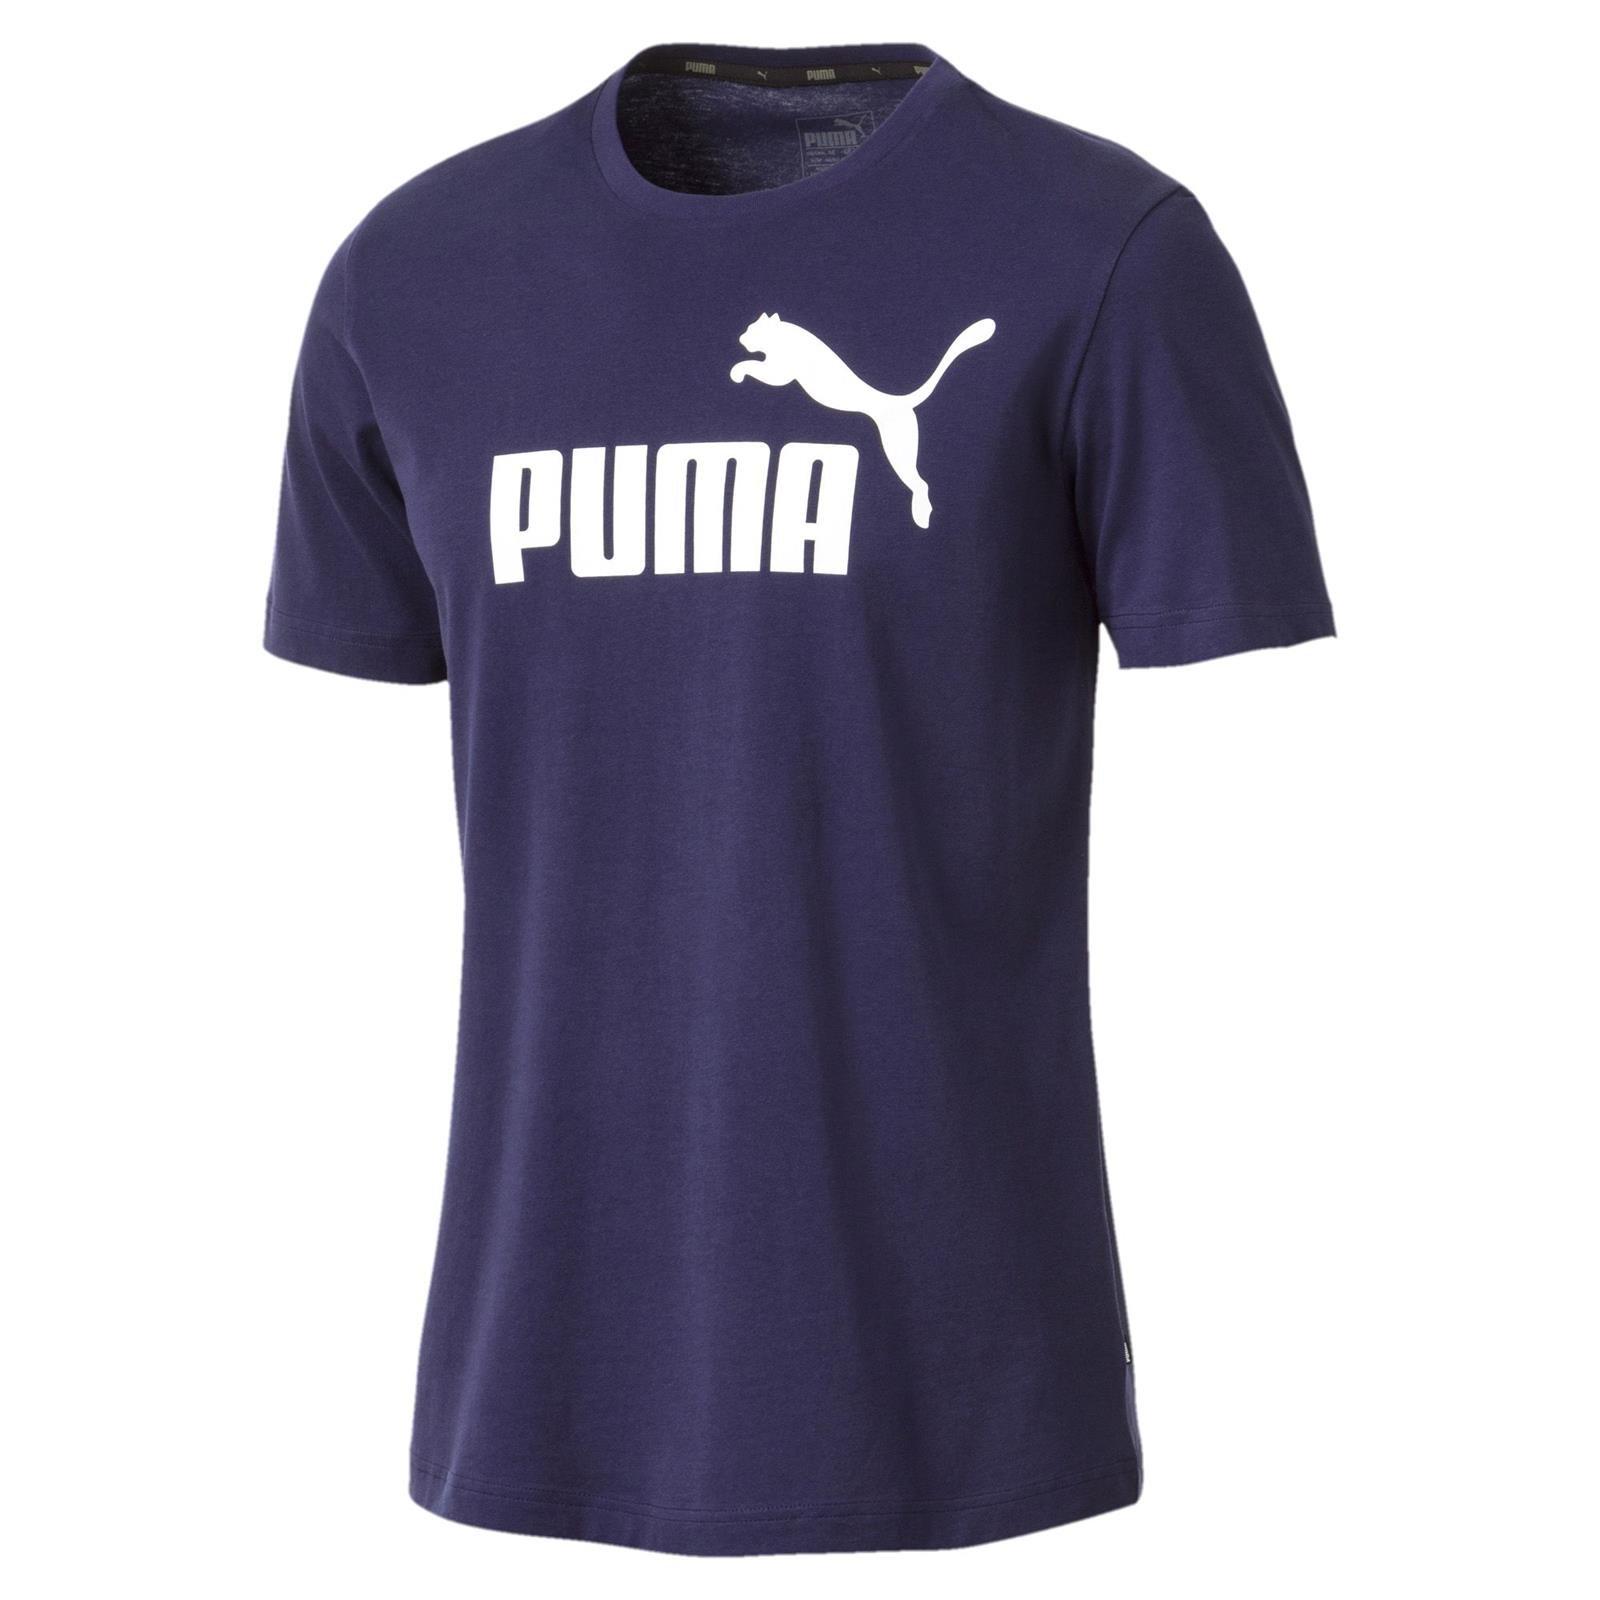 autentyczna jakość najlepiej sprzedający się kupować nowe Koszulka męska Puma ESS Logo Tee granatowa 851740 06